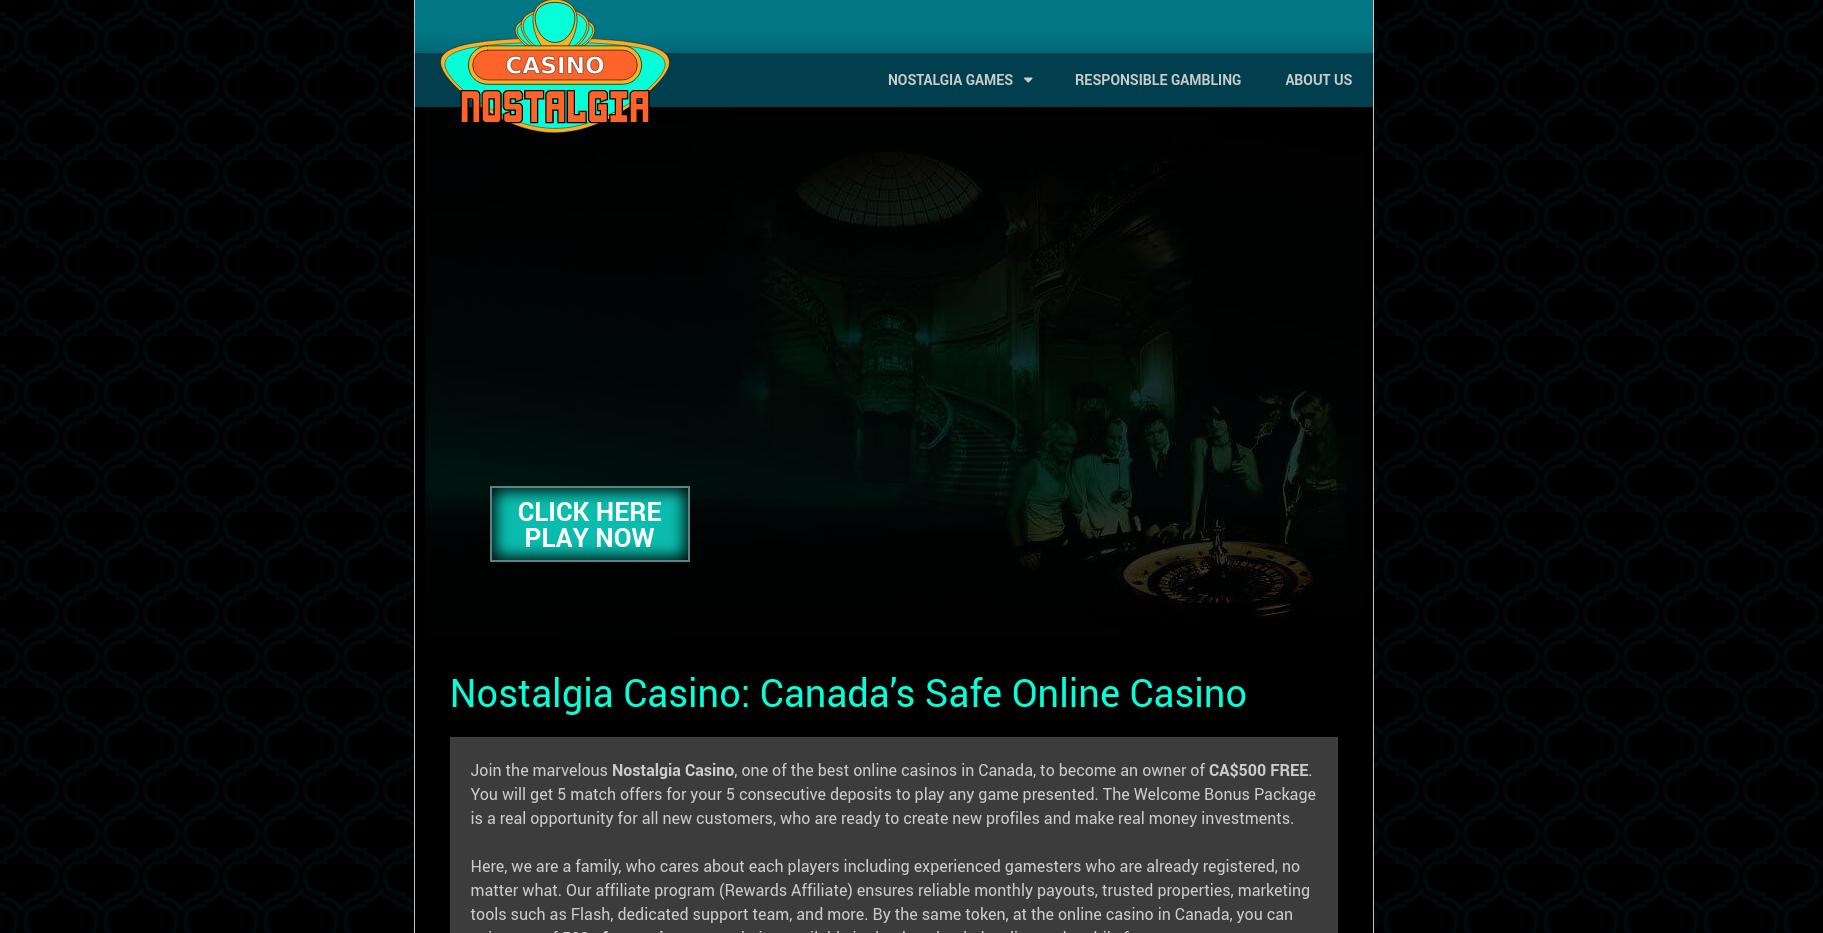 Nostalgia Casino In 2020 Casino Online Casino Best Online Casino